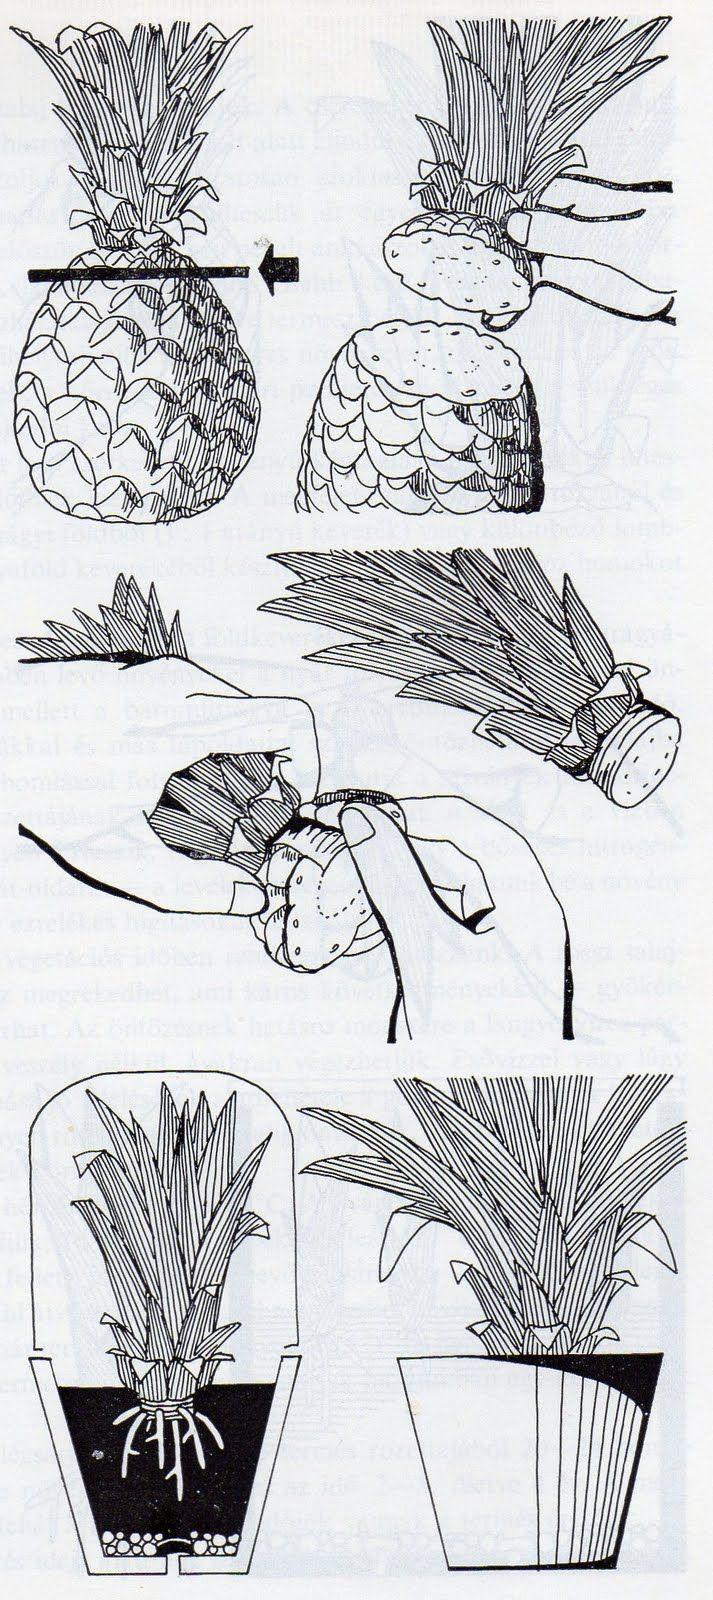 Hogyan neveljünk trópusi és mediterrán növényeket itthon?: Ananász cserépben